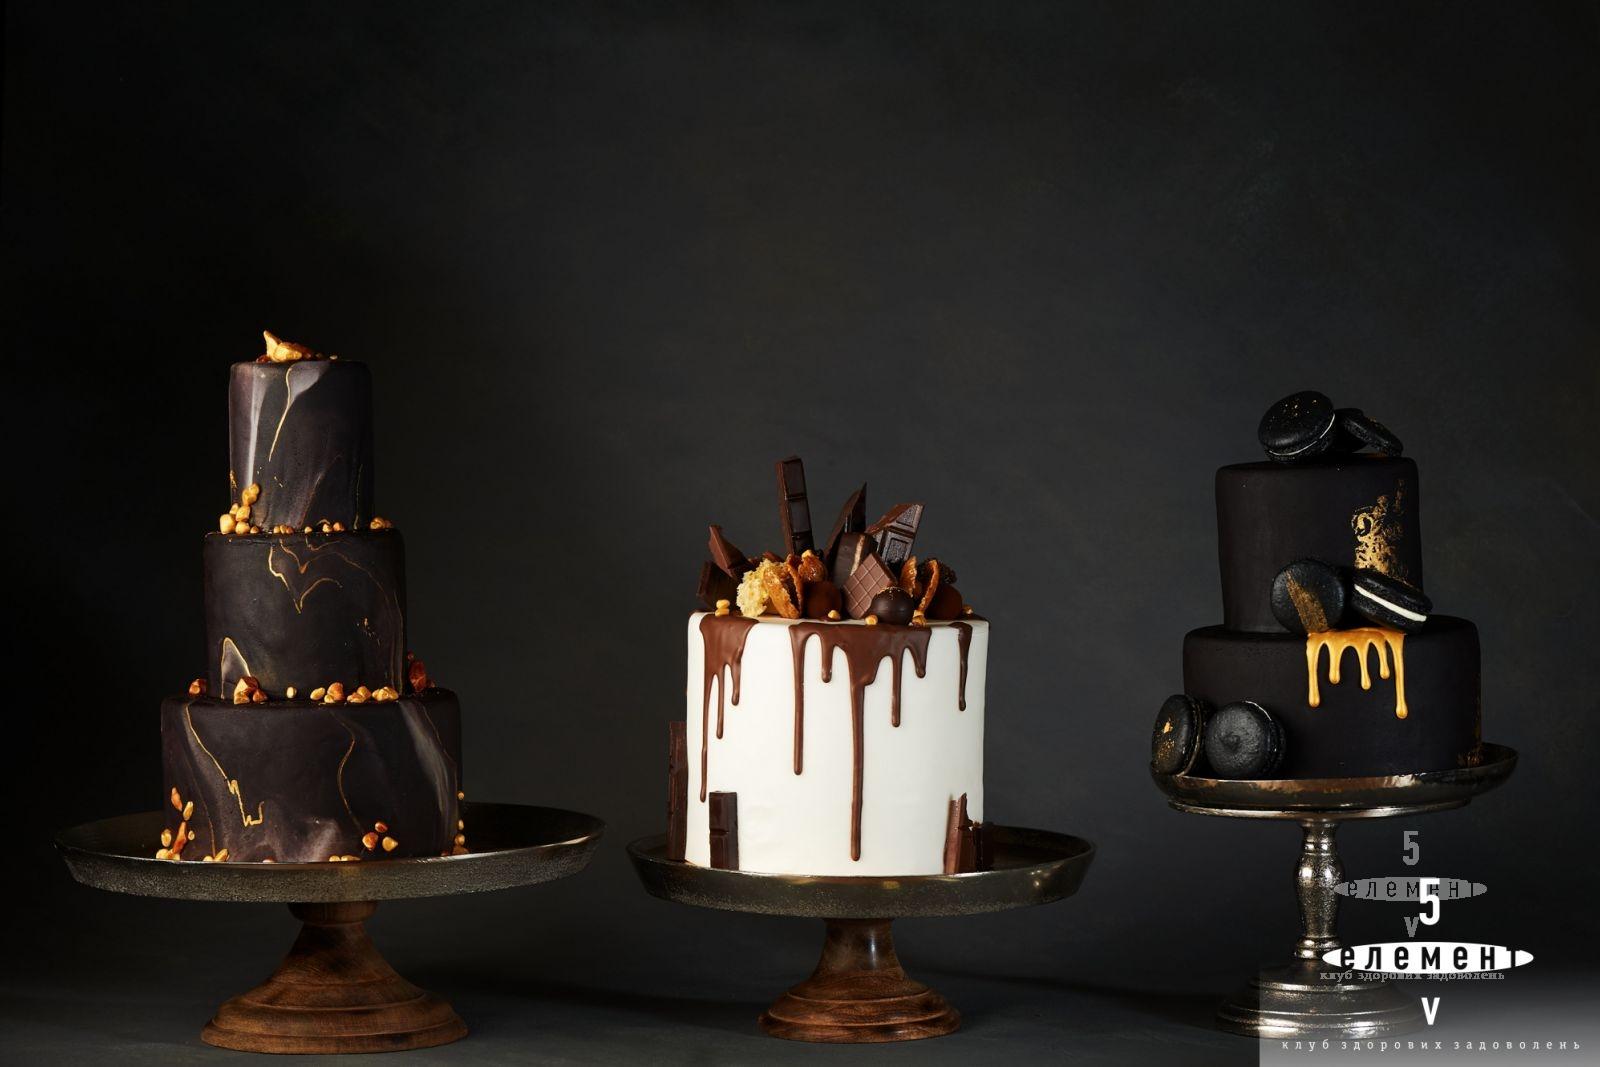 Интересные факты о шоколаде — fitness club 5 element